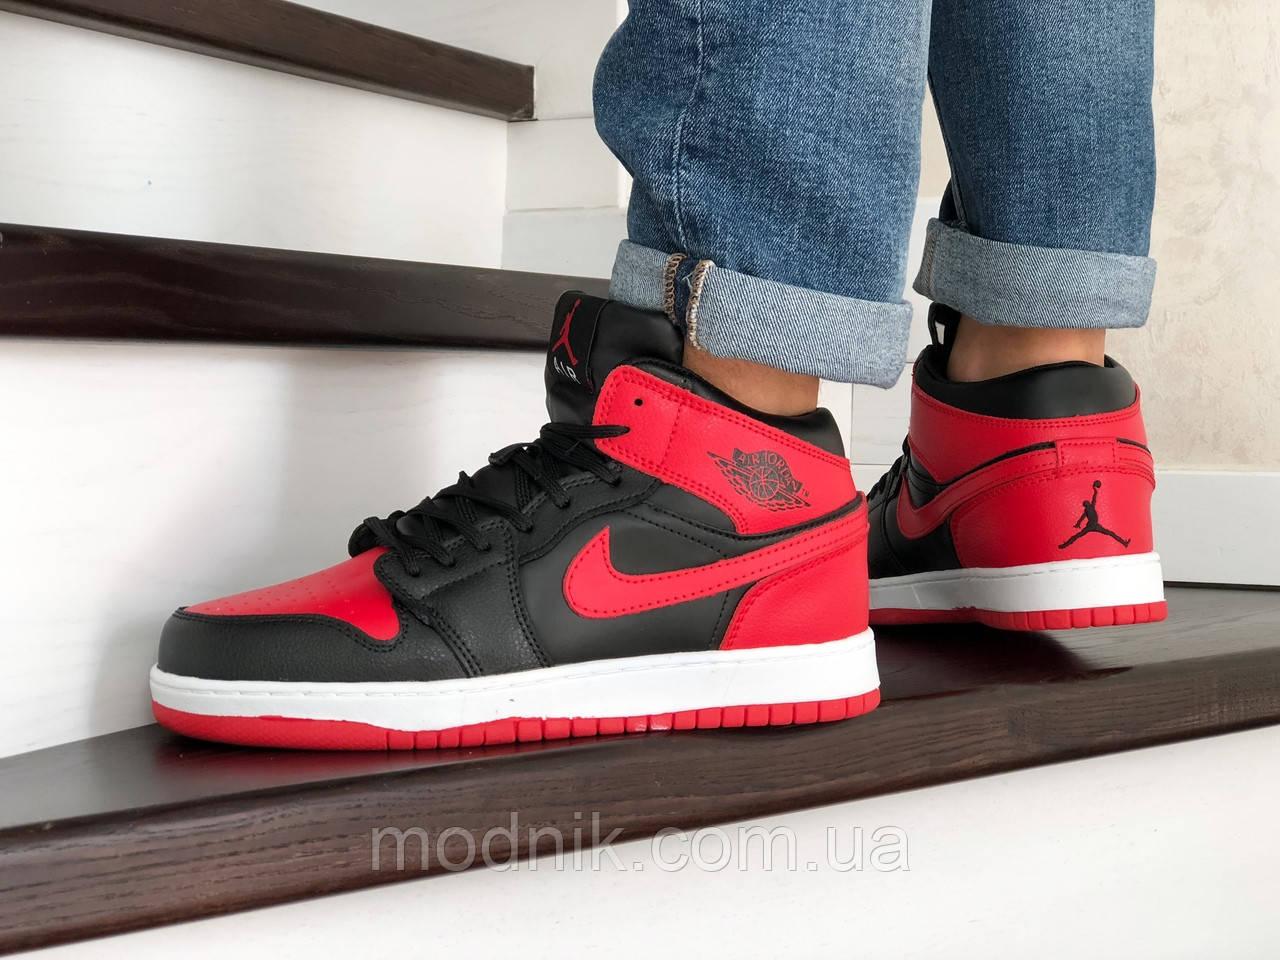 Мужские зимние кроссовки Nike Air Jordan 1 Retro (черно-красные)